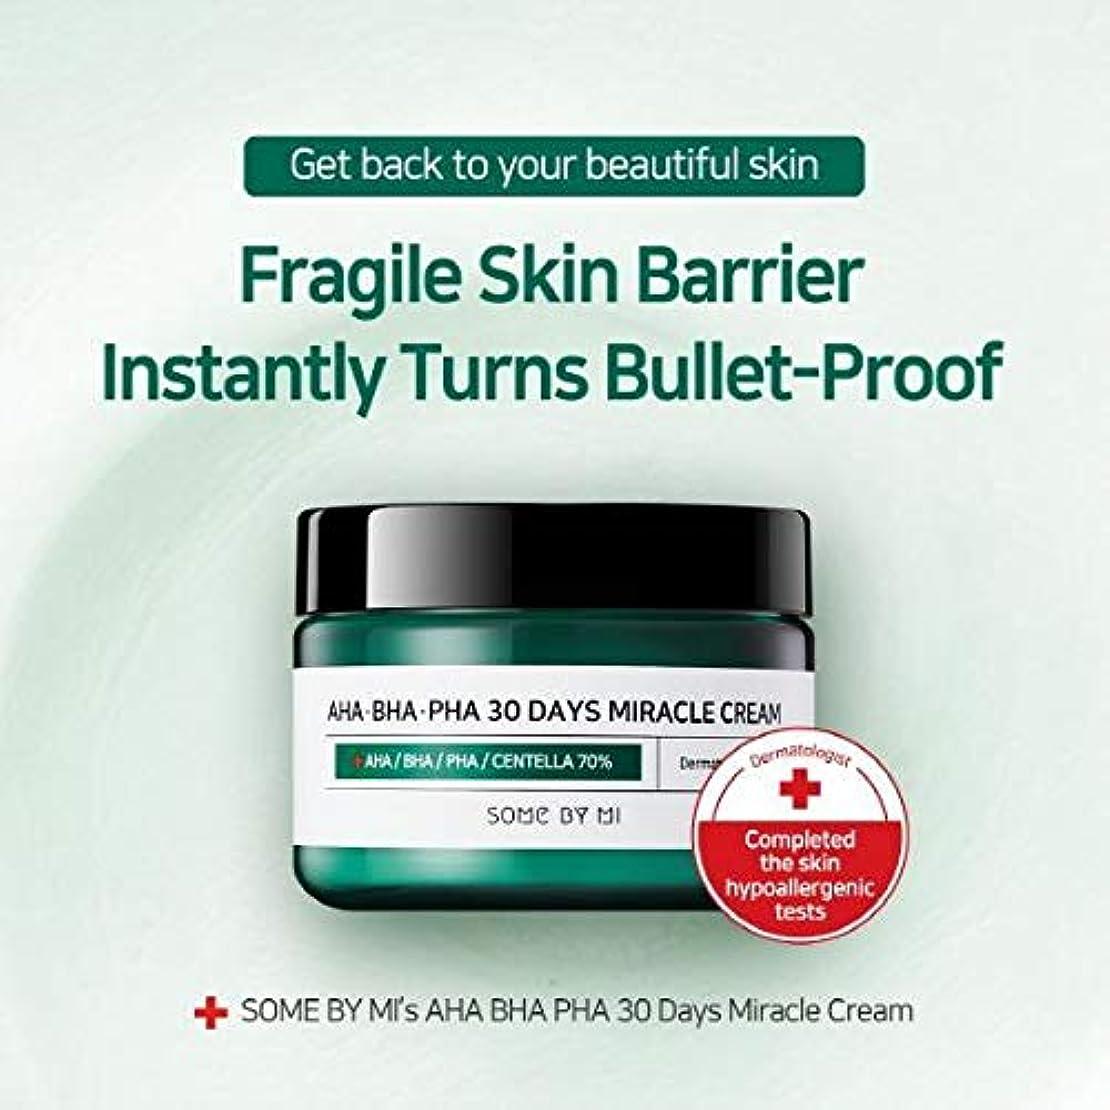 キャビン箱メタンSomebymi AHA BHA PHA Miracle Cream 50ml (1.7oz) Skin Barrier & Recovery, Soothing with Tea Tree 10,000ppm for...